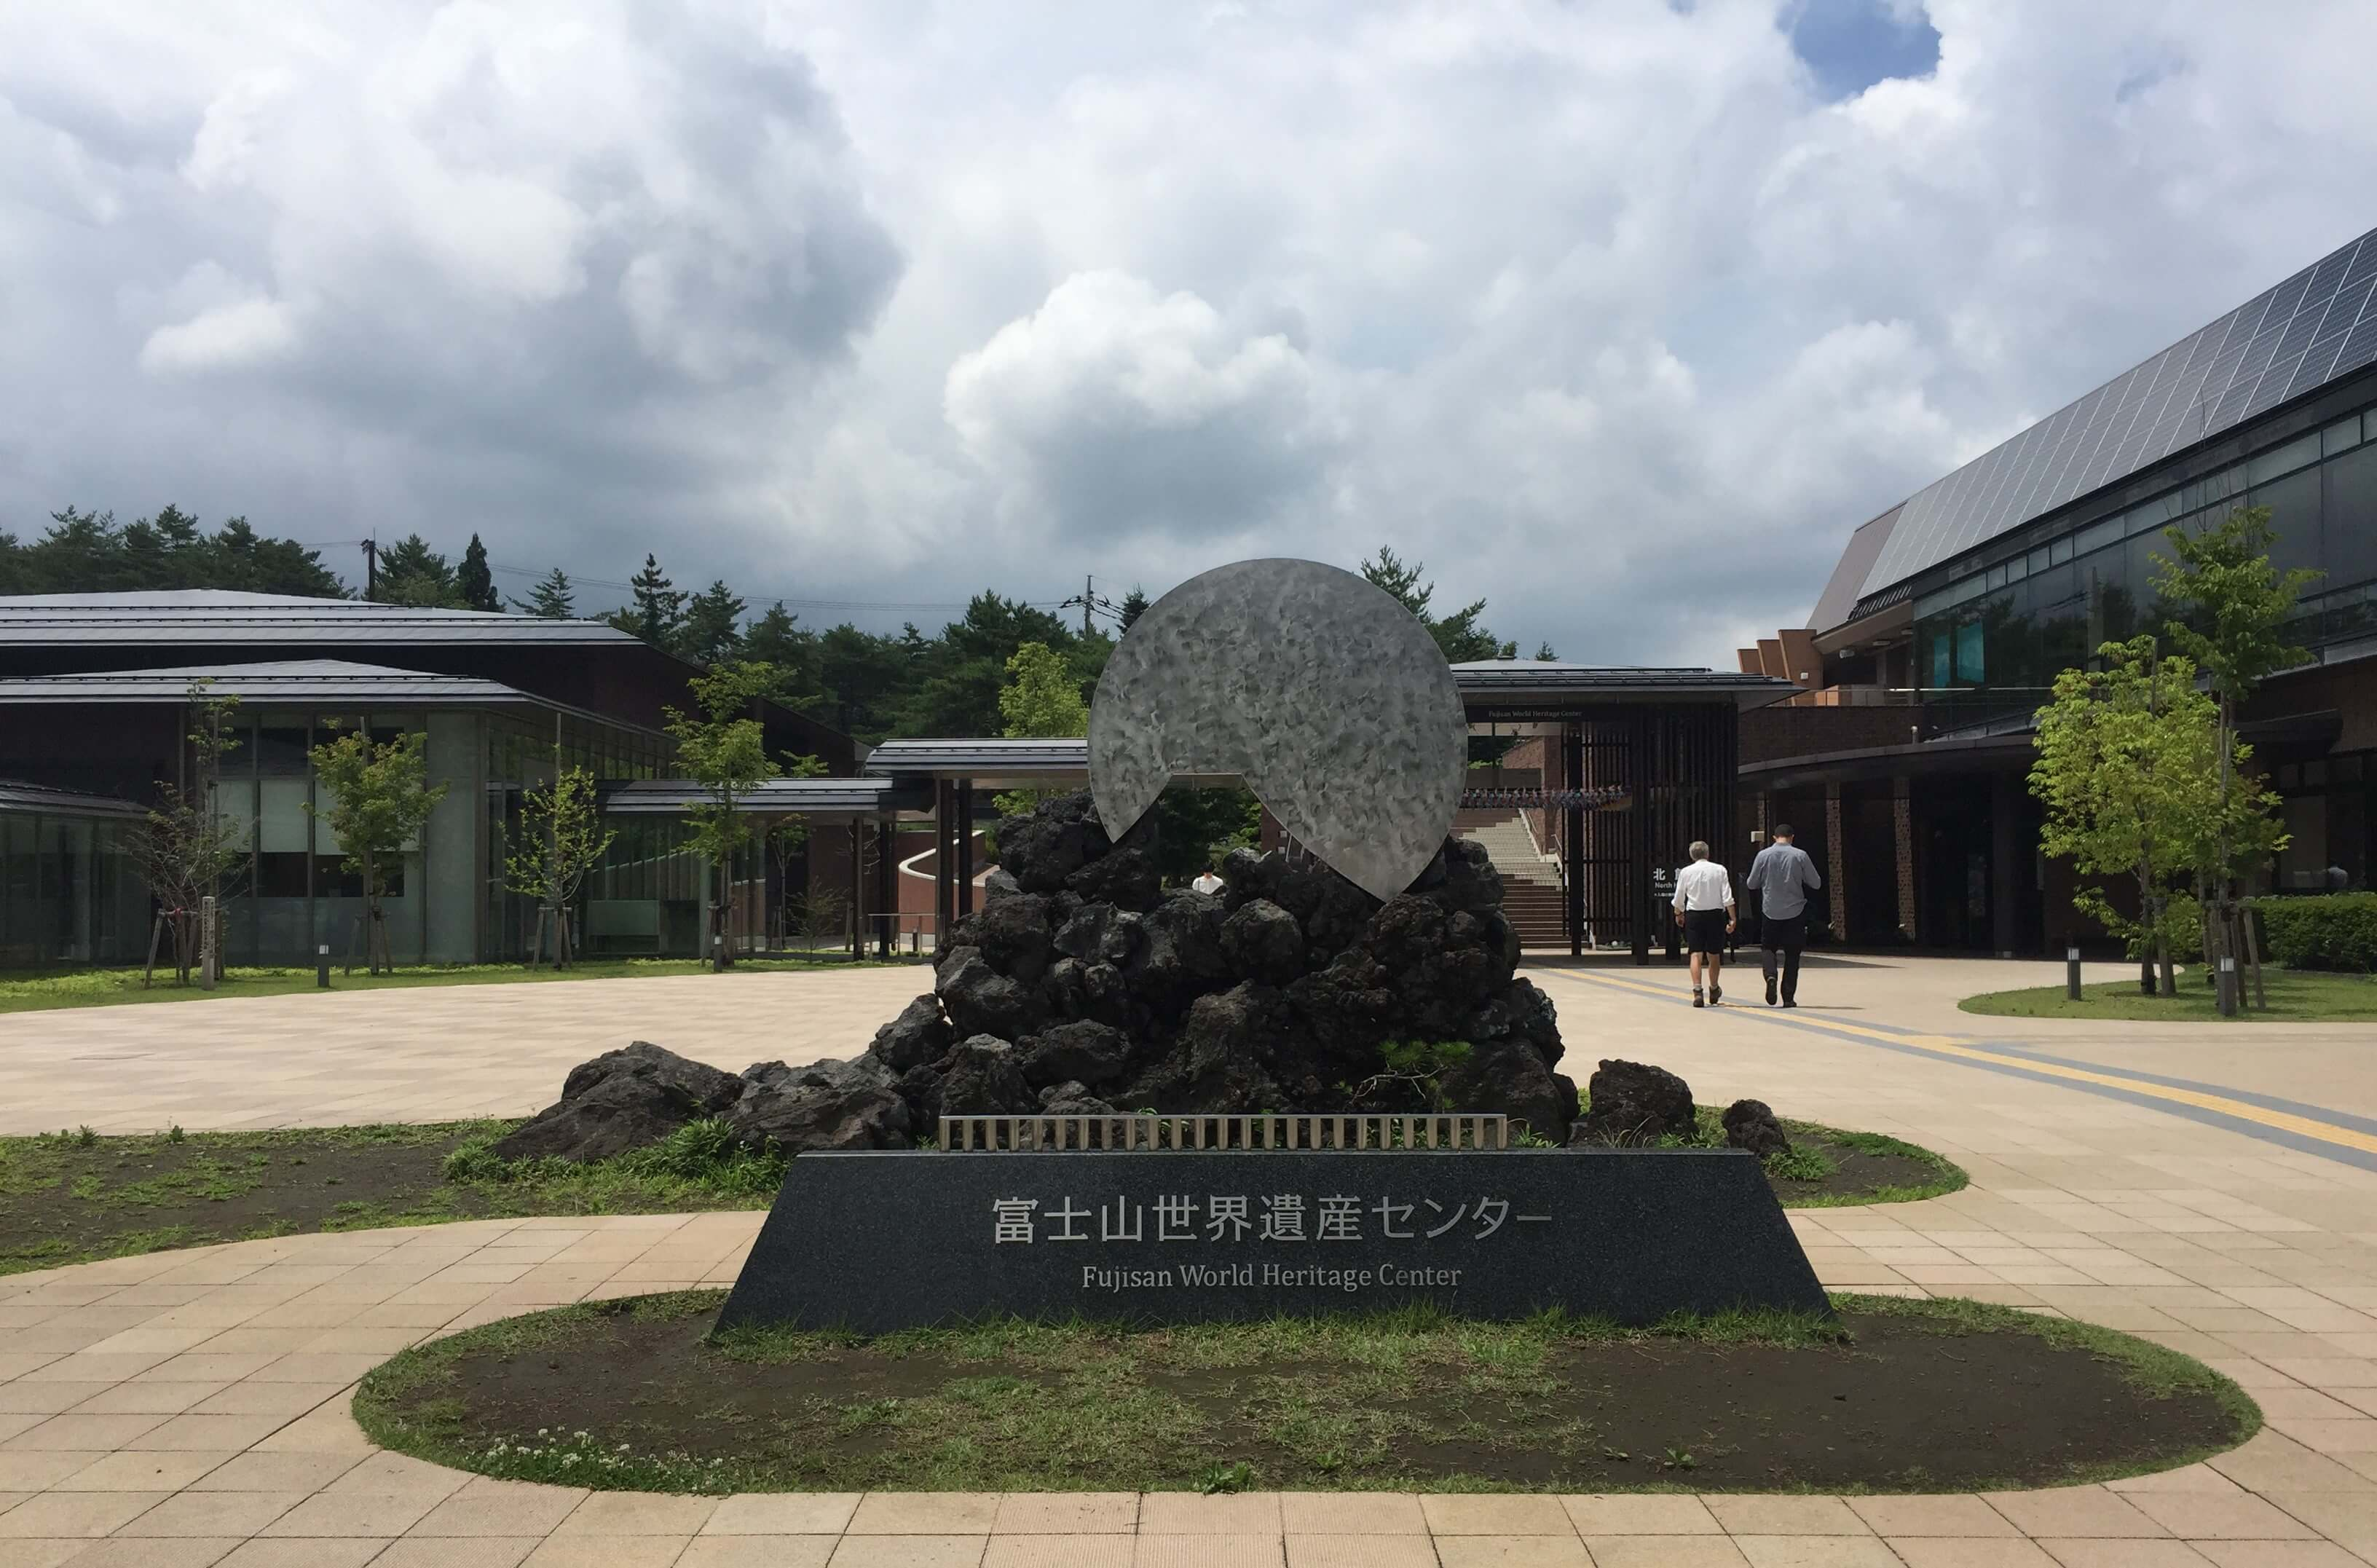 富士山世界遺産センター山梨